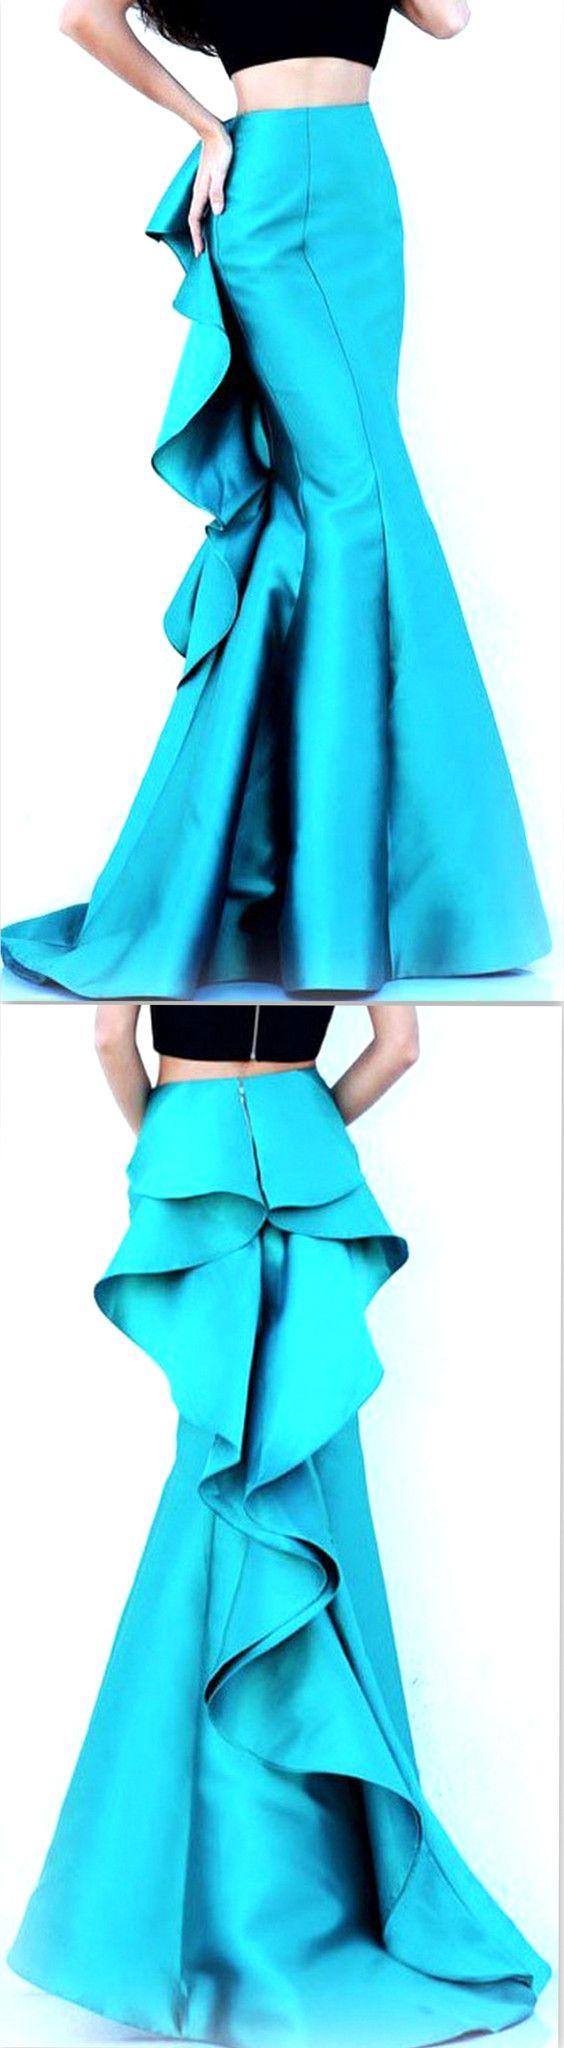 Ruffle Fitted Floor-Length Skirt, Sky Blue